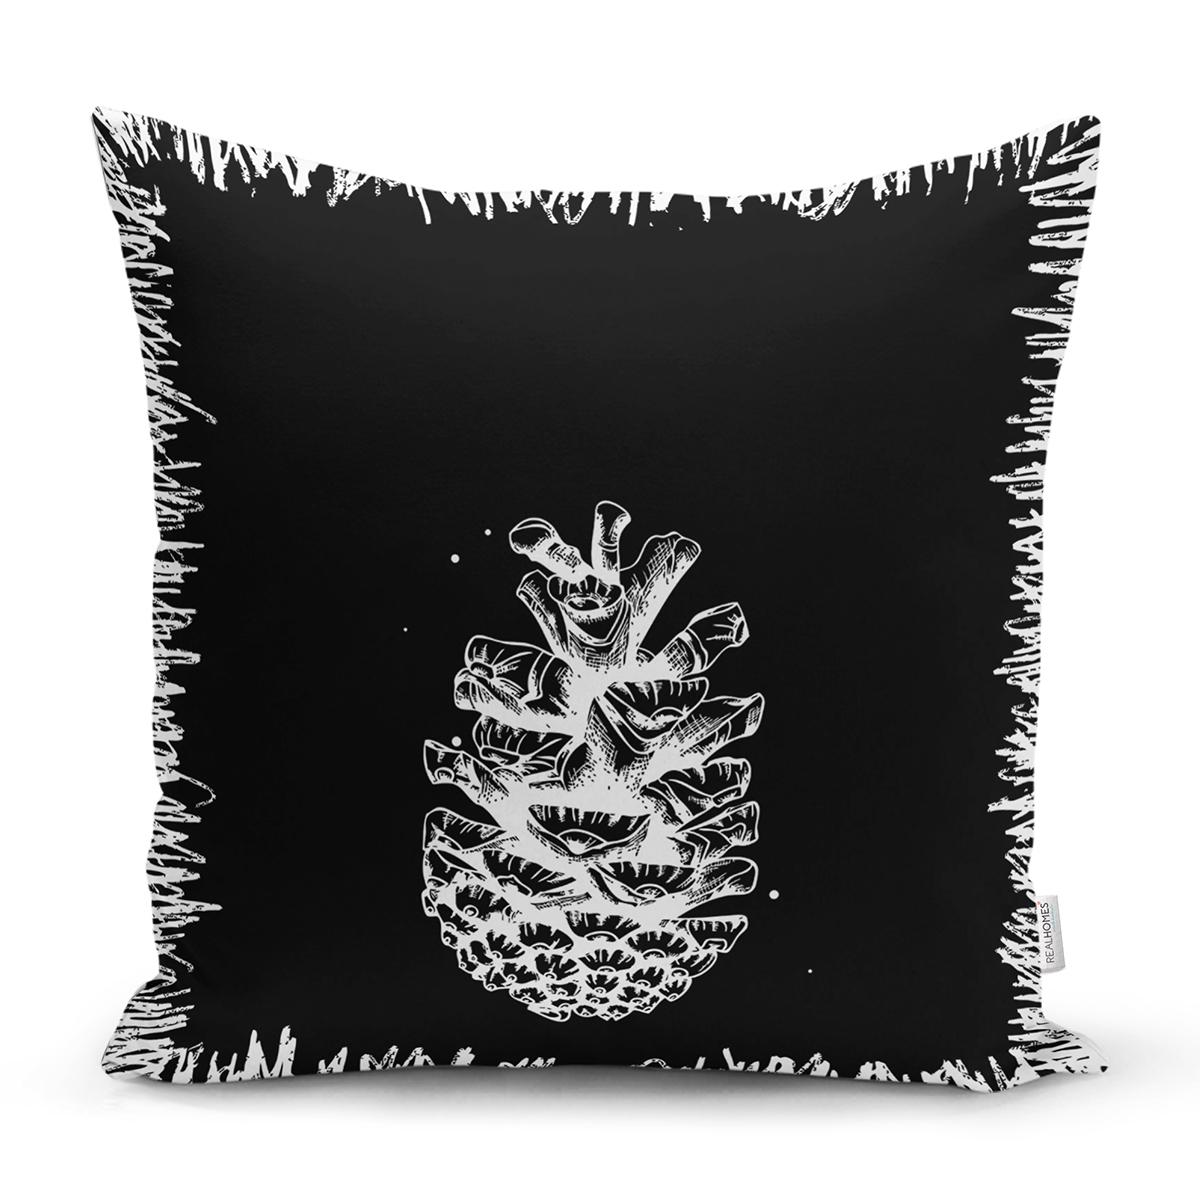 Siyah Beyaz Kozalak Motifli Dijital Baskılı Dekoratif Yastık Kırlent Kılıfı Realhomes